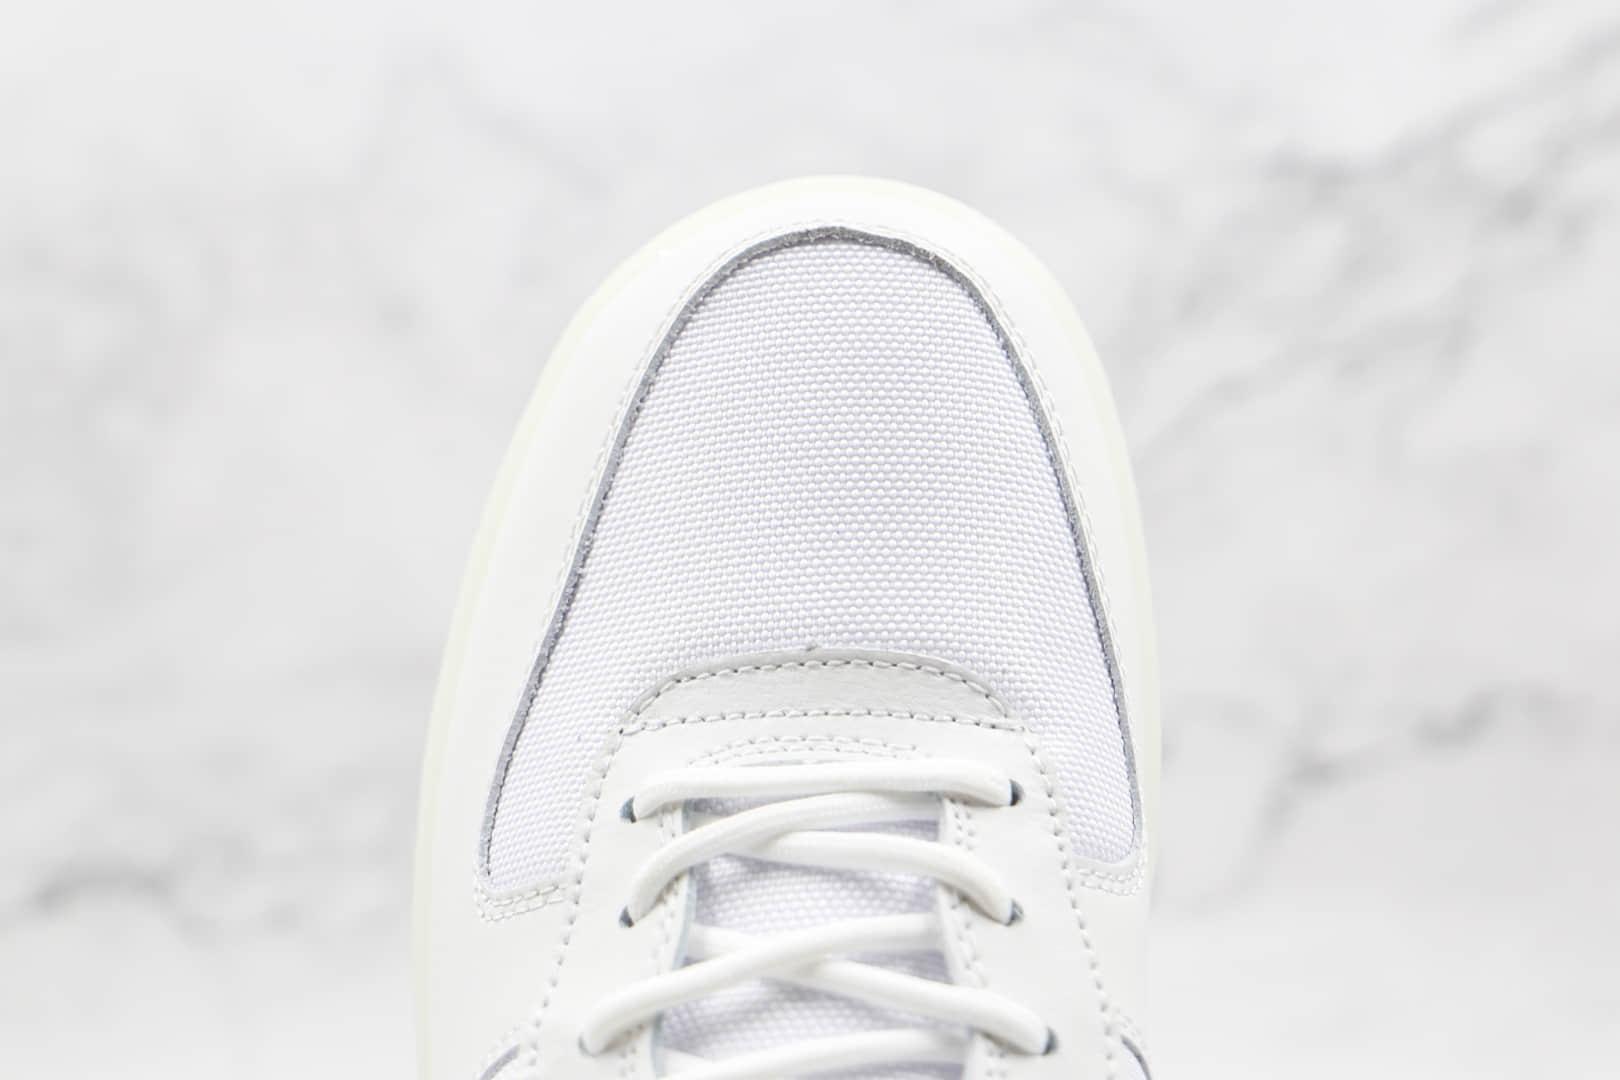 耐克Nike Air Force 1 GORE-TEX纯原版本低帮空军一号机能纯白板鞋内置气垫 货号:DJ7968-100